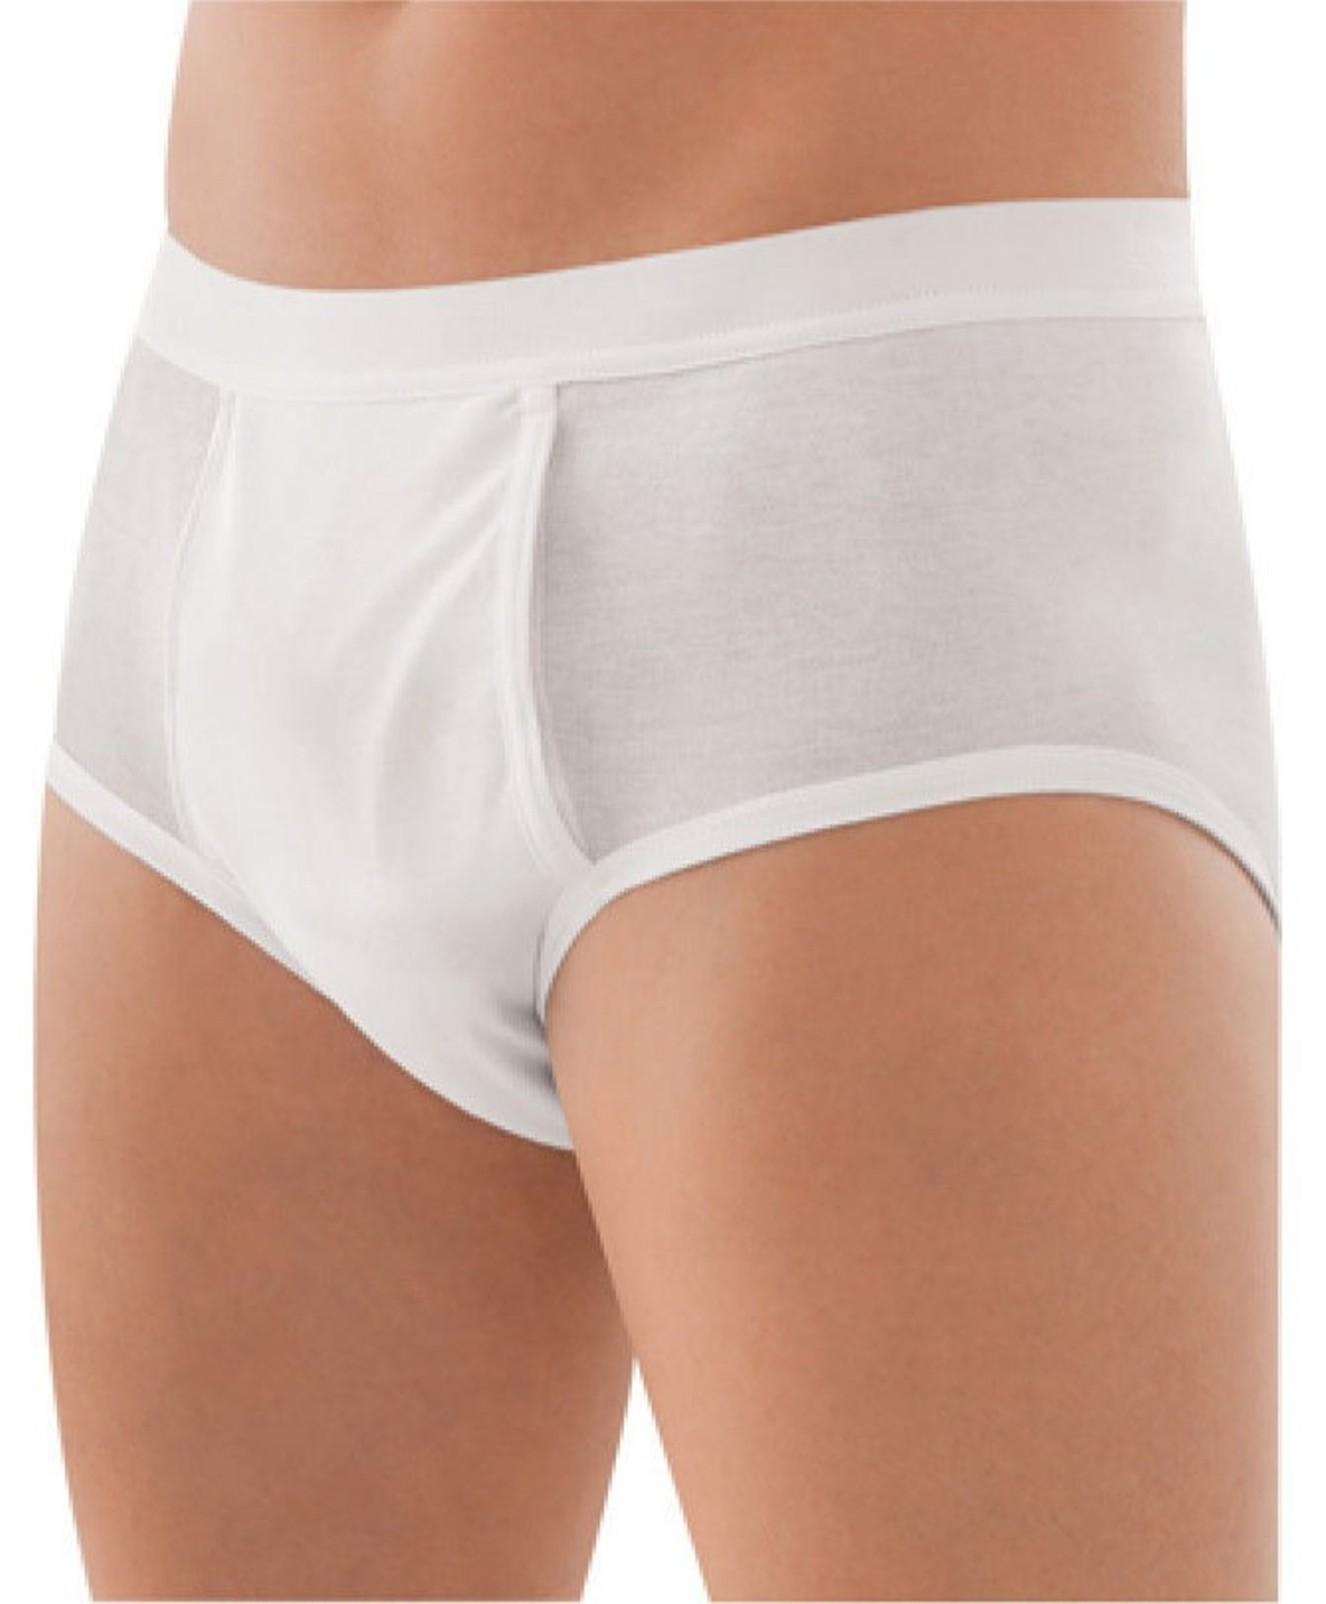 Herren Feinripp Slip Unterhose 2er Pack aus Baumwolle mit Eingriff und Weichbund – Bild 3